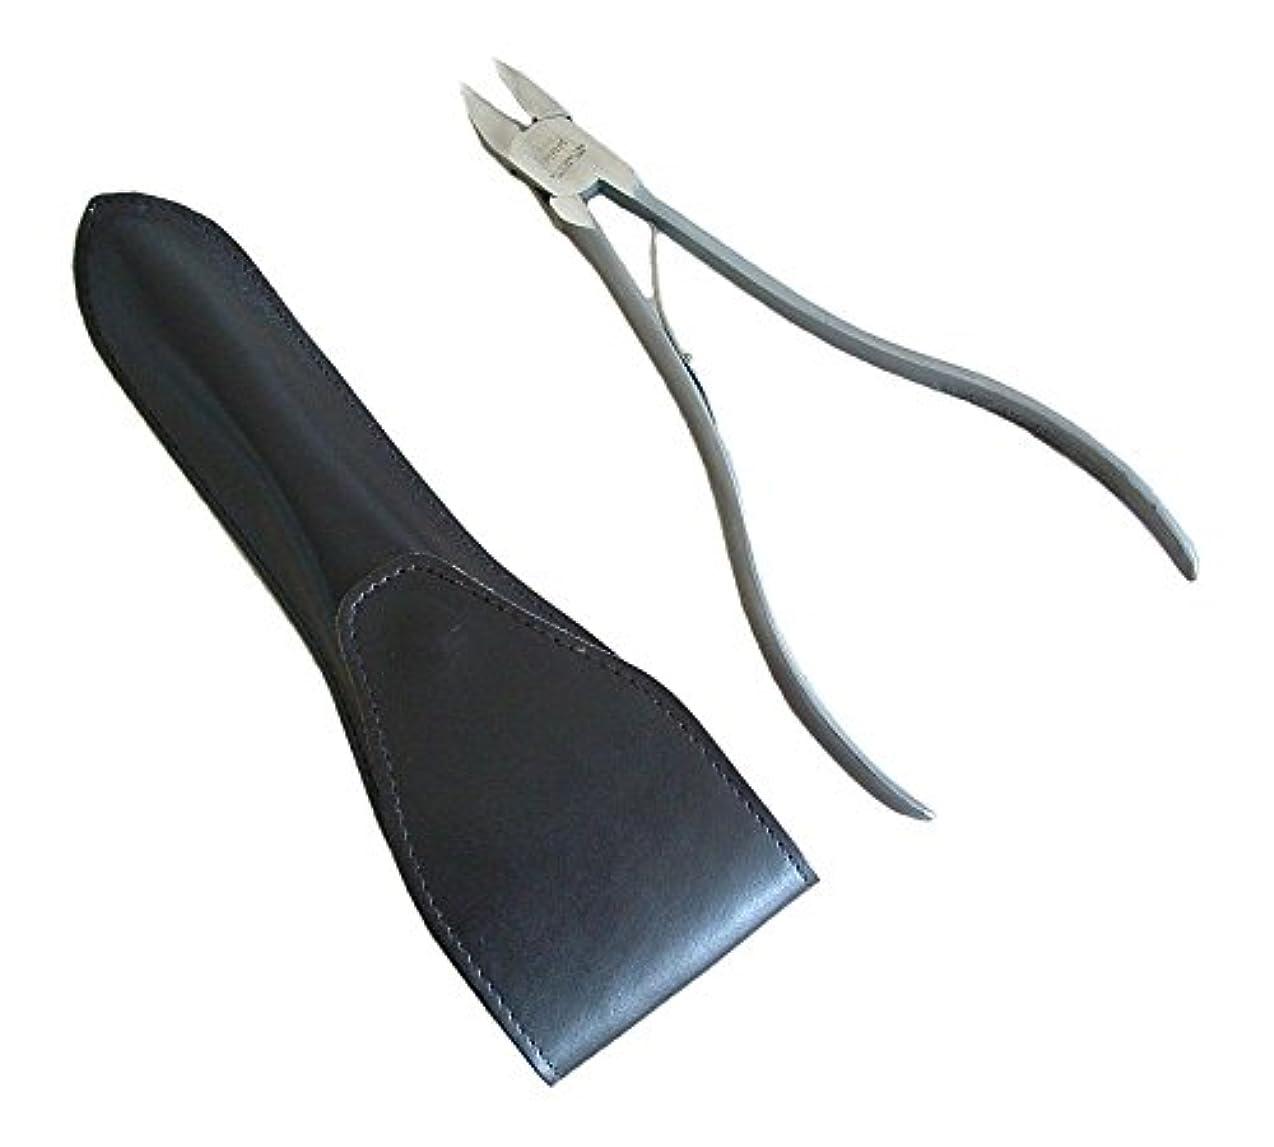 オークランド打たれたトラック液化するタナカマイスター ロングニッパー型爪切り(レザーケース入り)